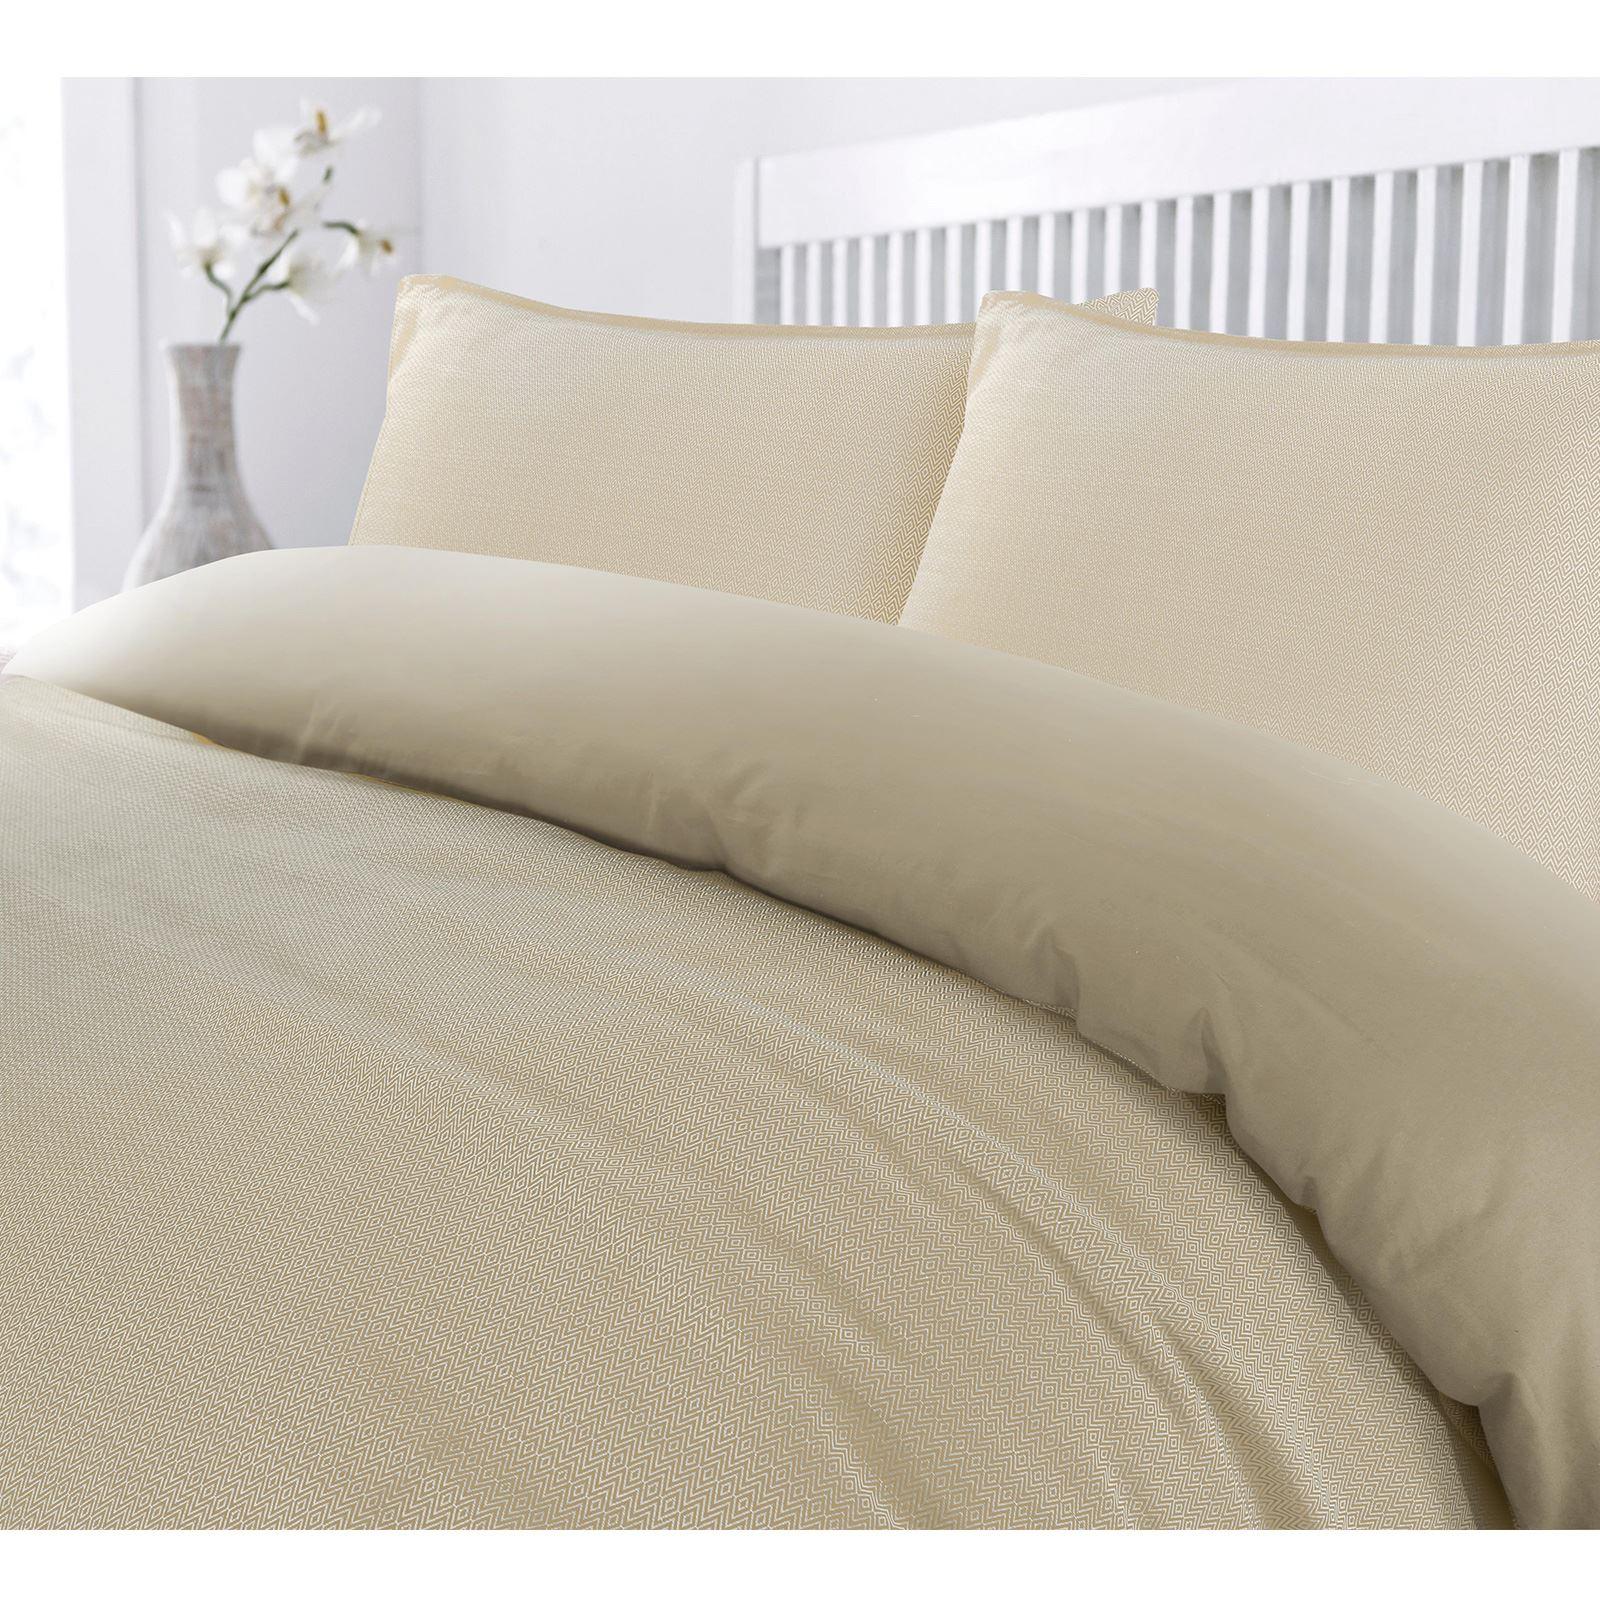 Diamond-yarn-tenido-de-tejido-de-primera-calidad-100-algodon-acolchado-funda-nordica-conjunto-de miniatura 4